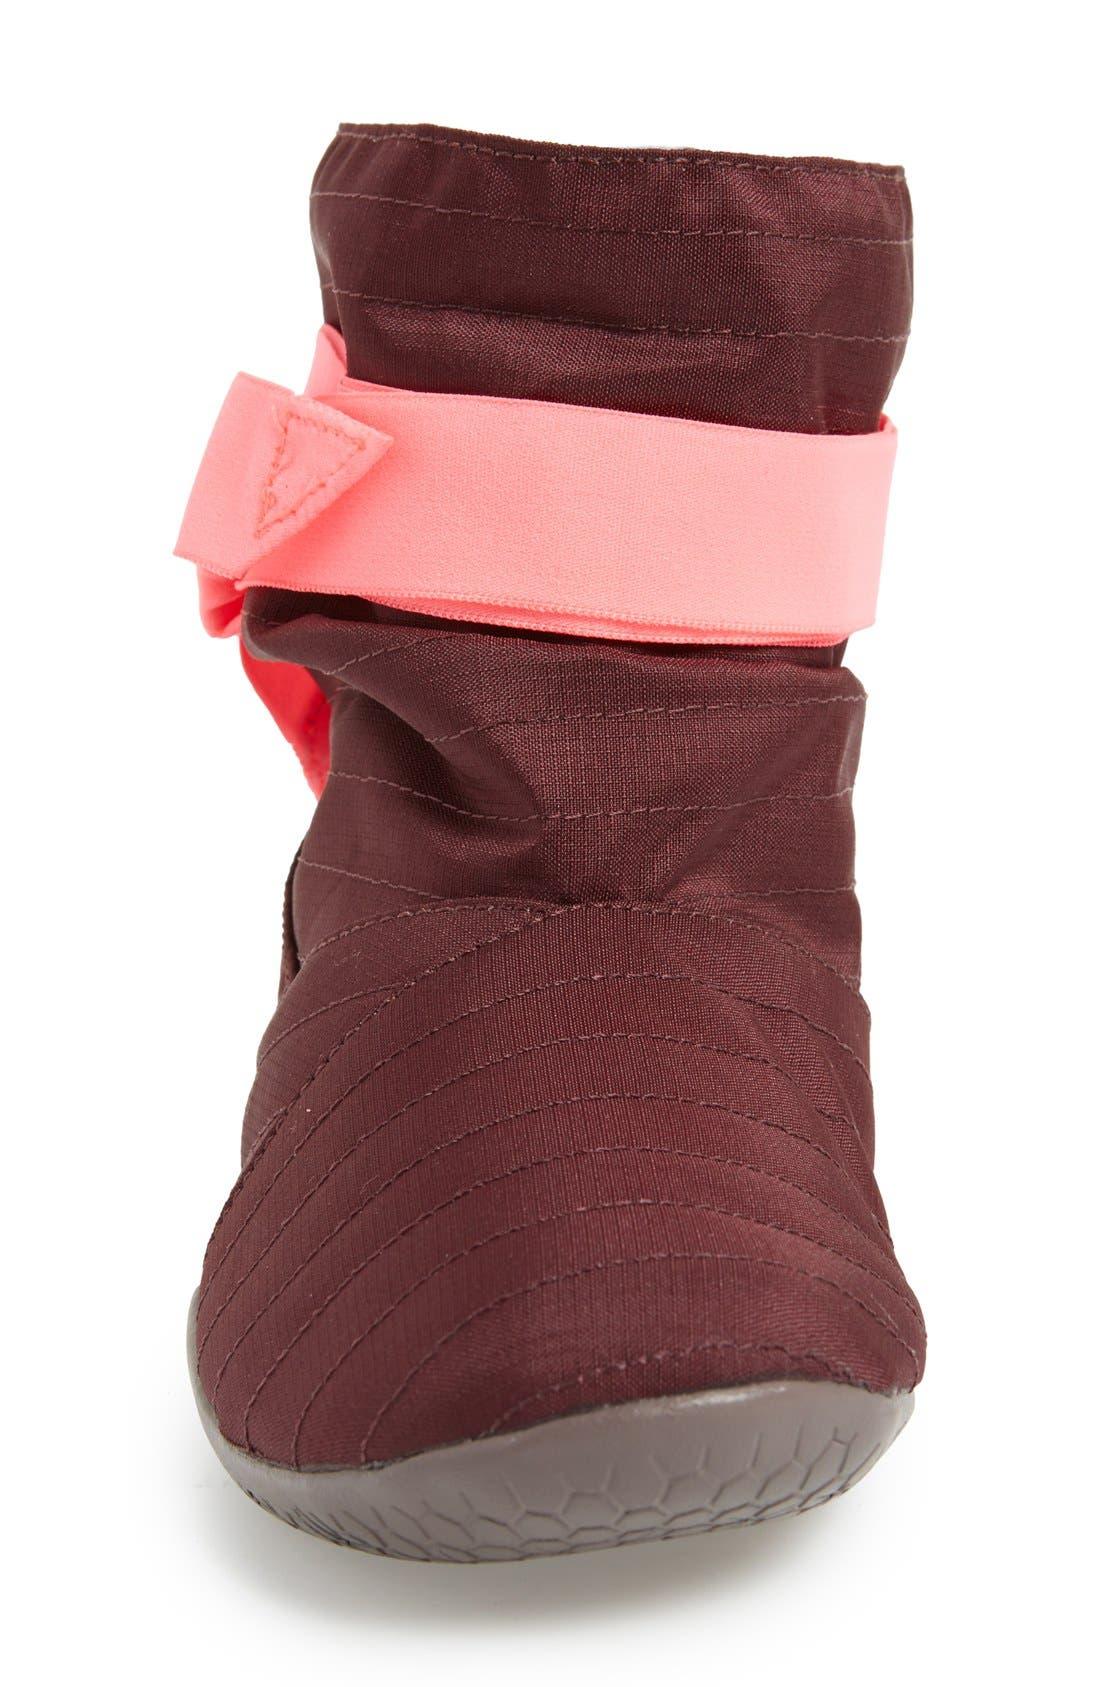 NIKE,                             'Studio Mid Pack' Yoga Training Shoe,                             Alternate thumbnail 5, color,                             930